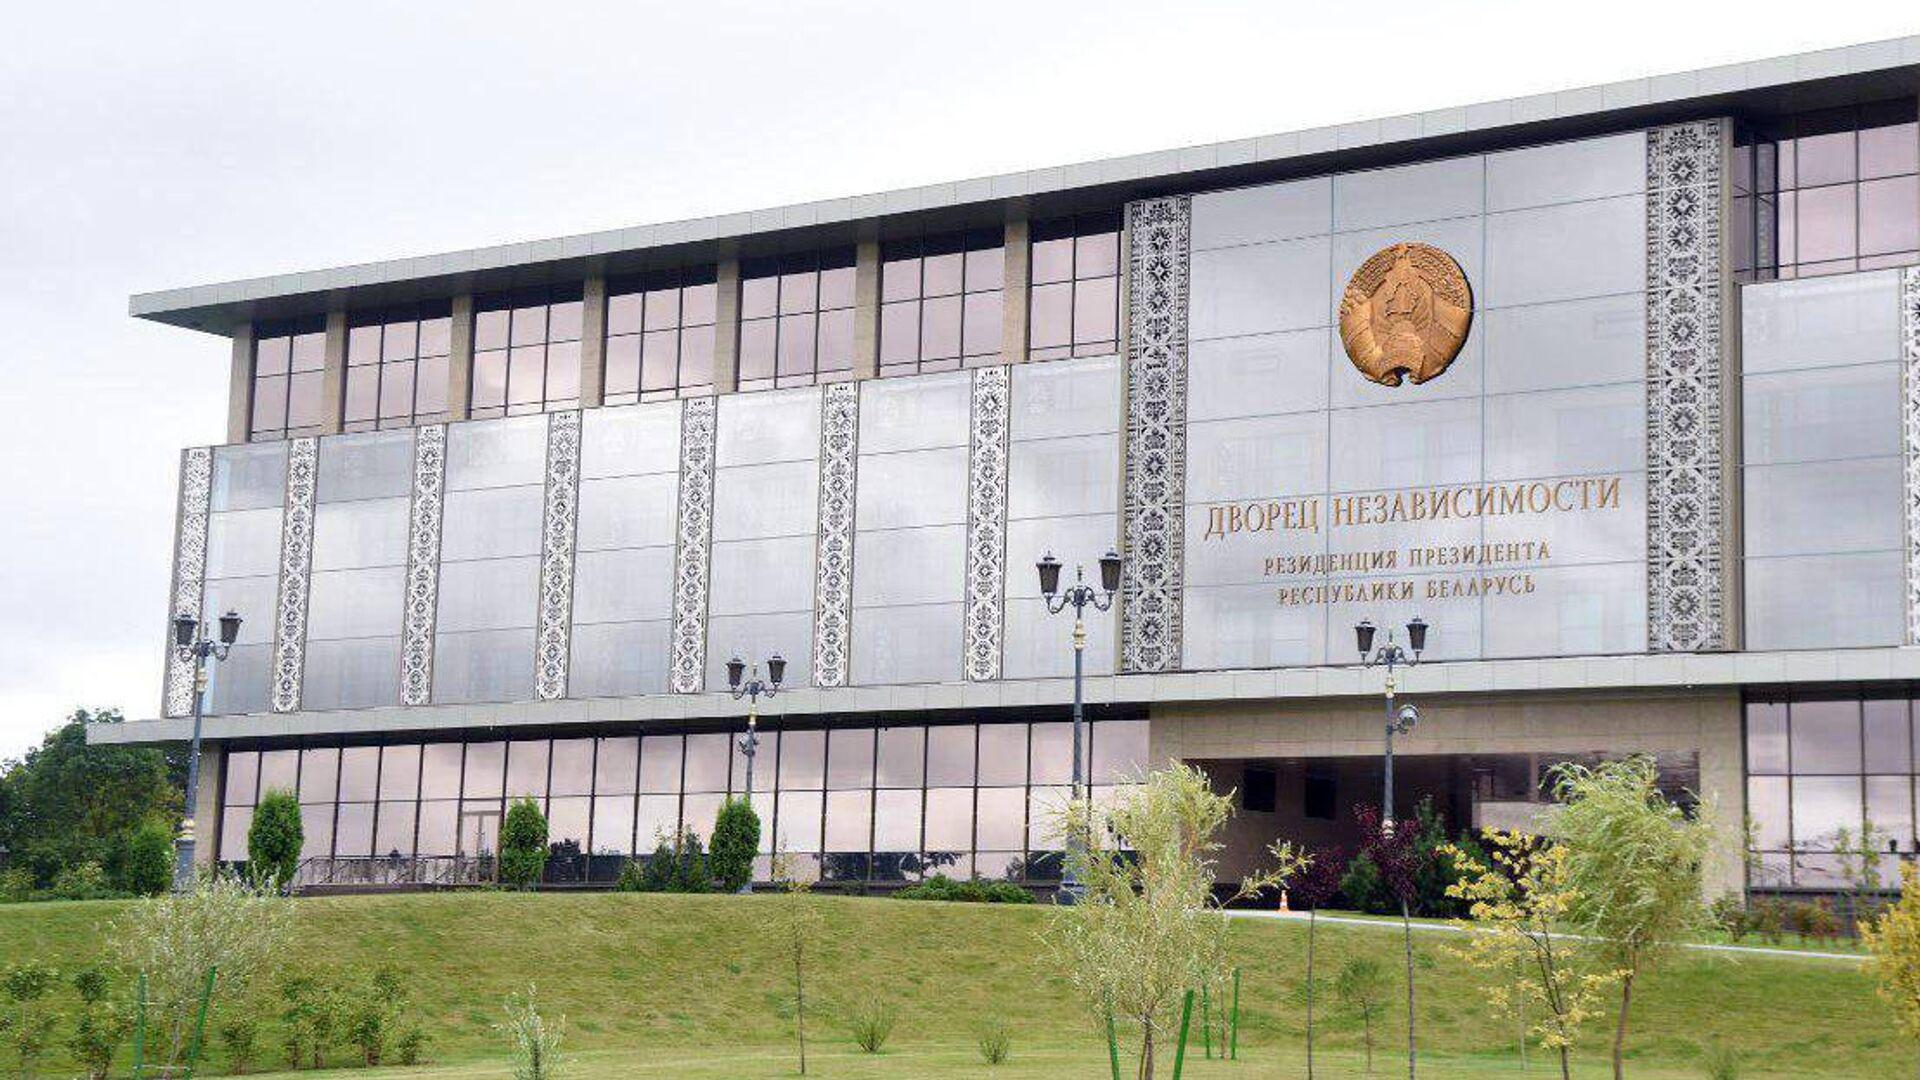 Палац Незалежнасці - Sputnik Беларусь, 1920, 01.10.2021